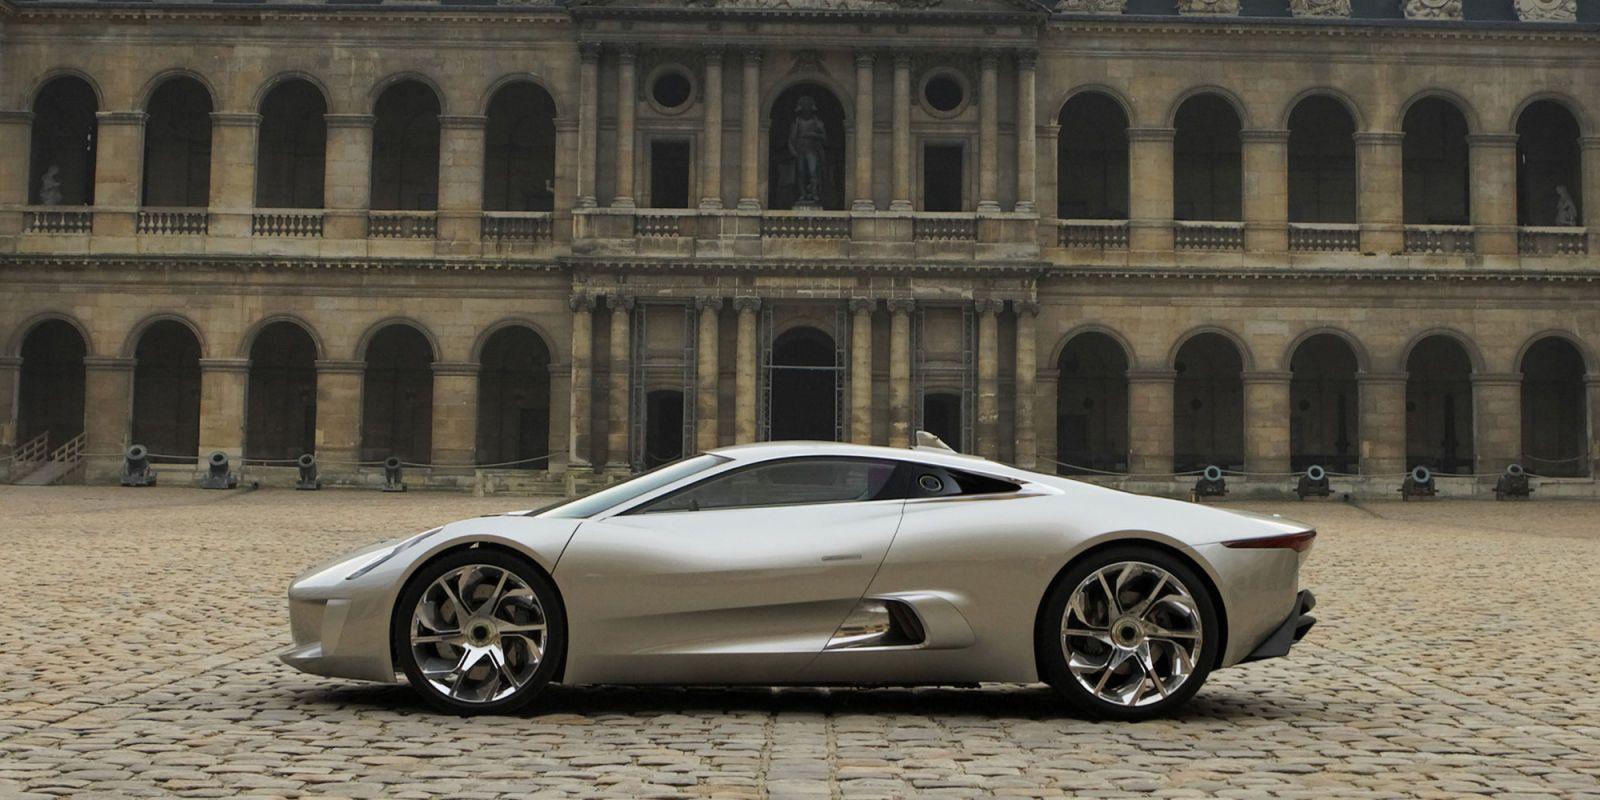 Jaguar C-X75 - Photo Gallery  - RoadandTrack.com